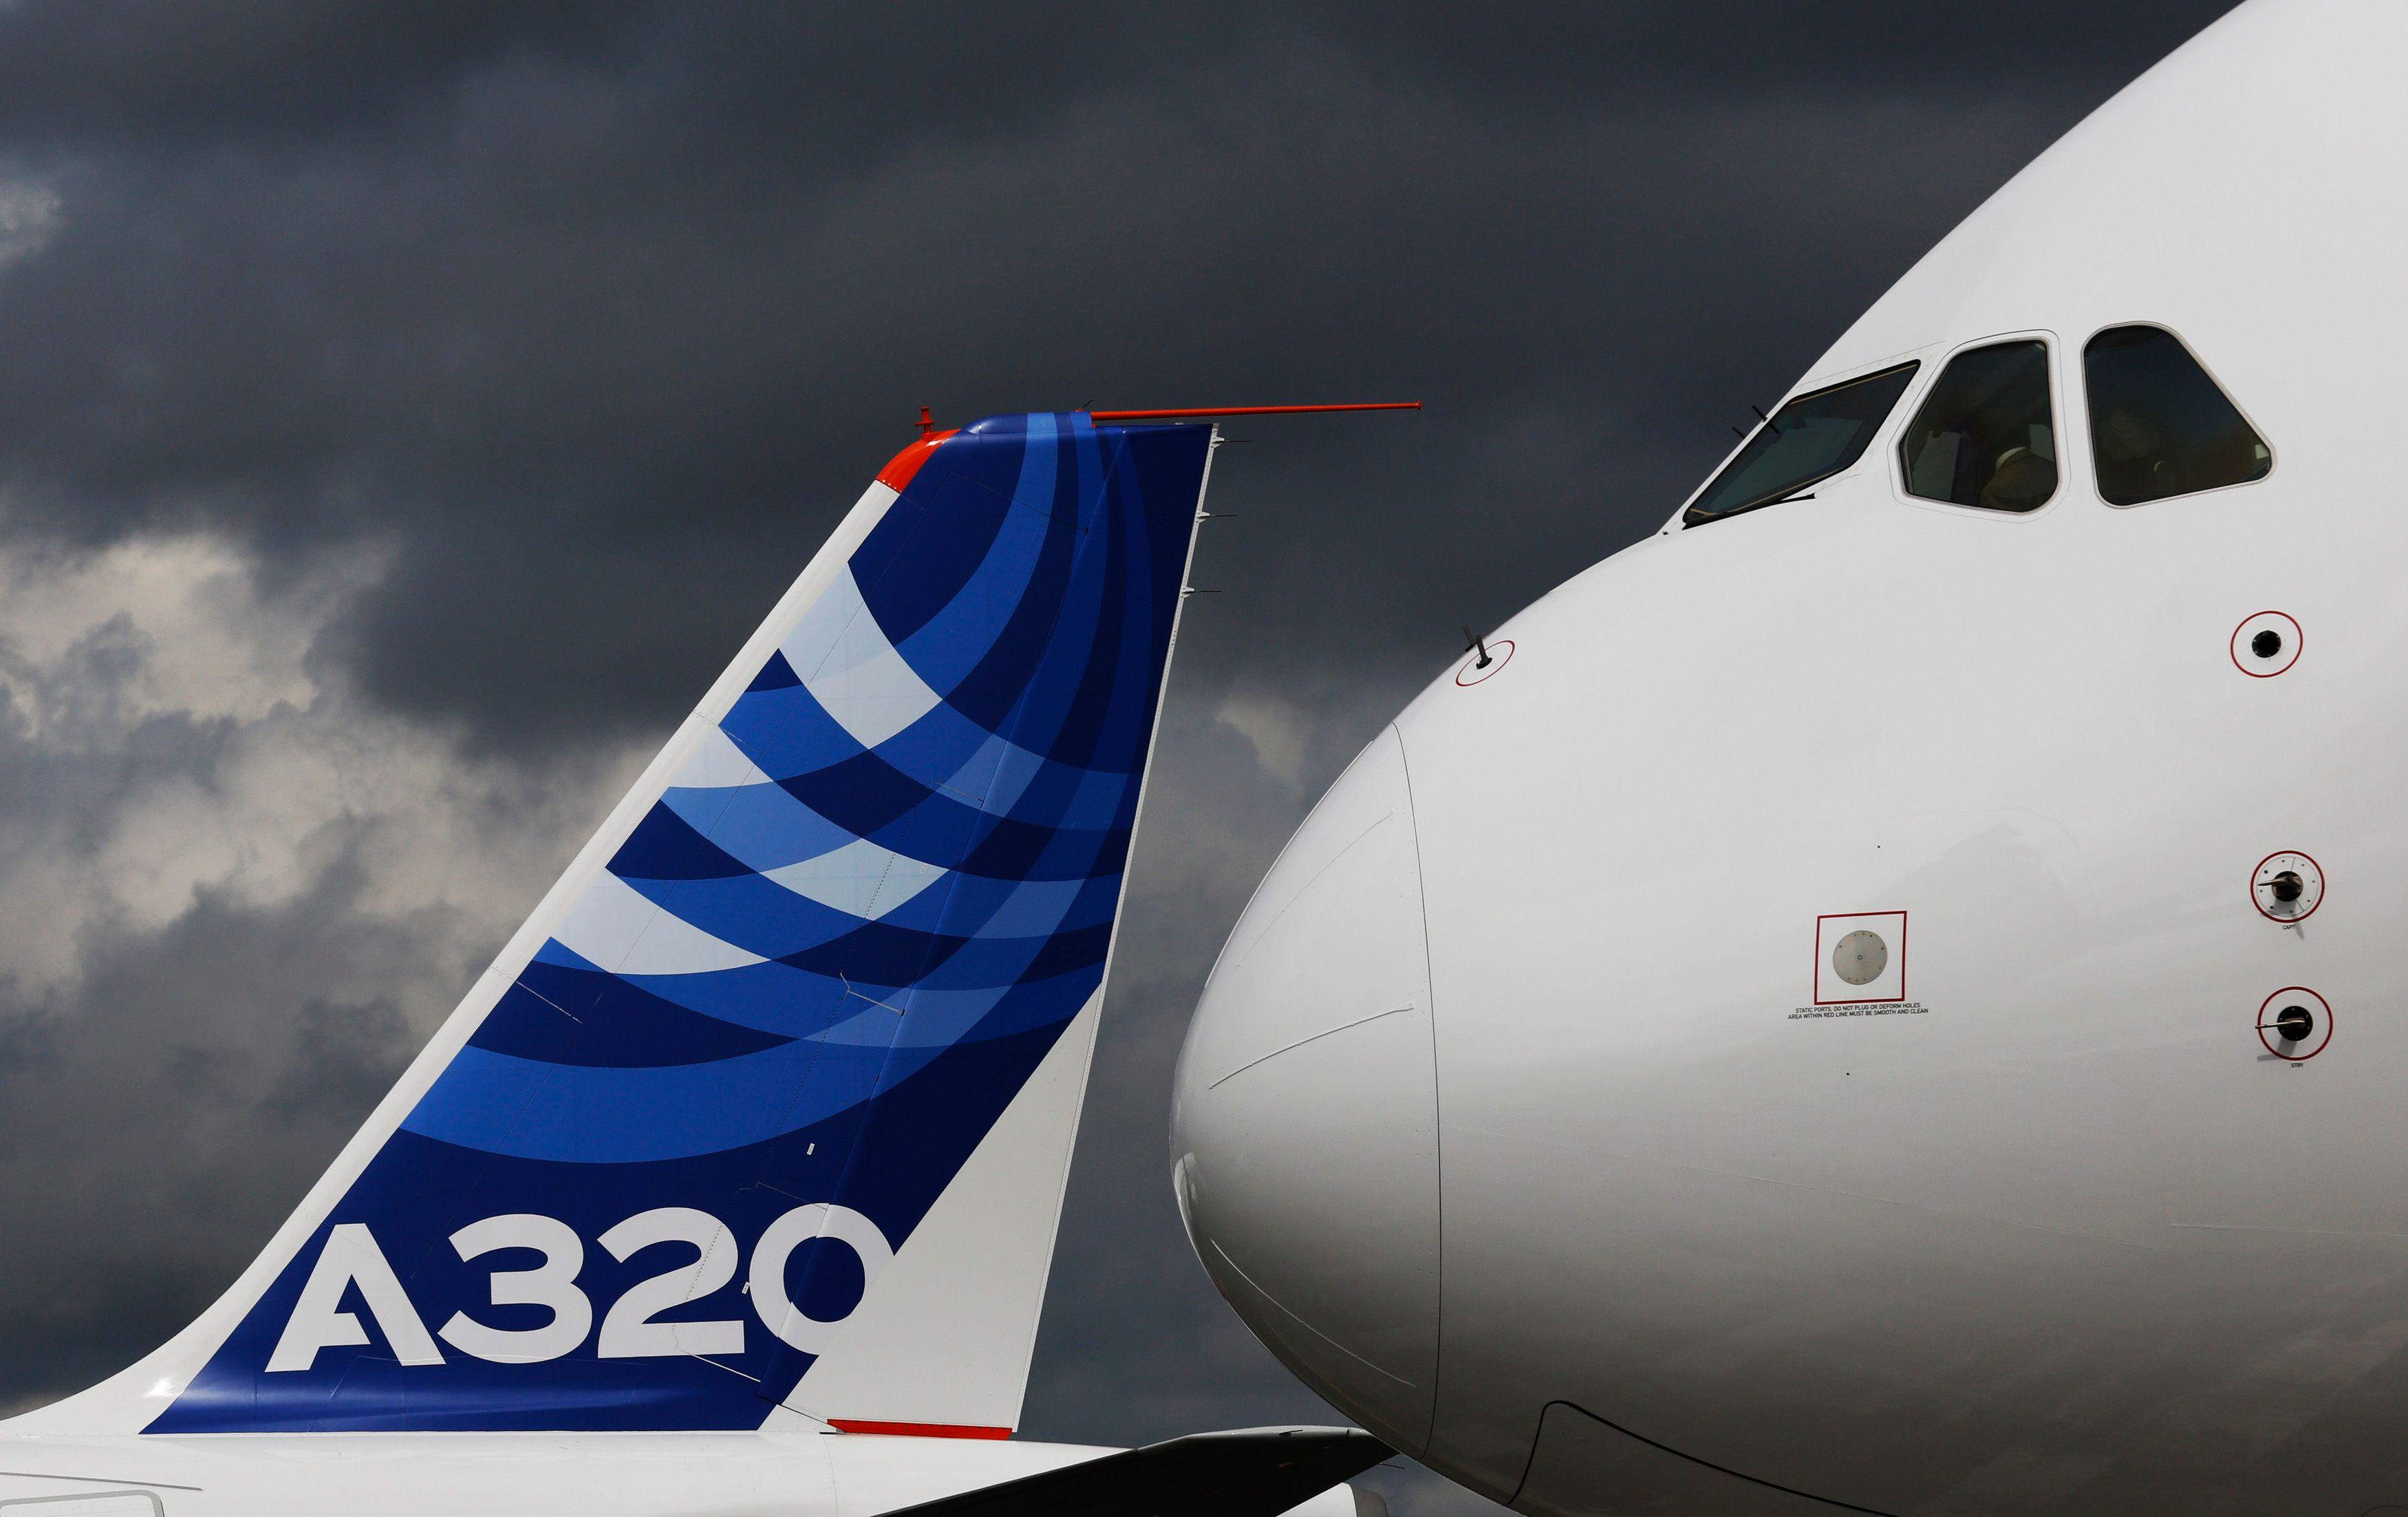 La compagnie Turkish Airlines vient de passer commande à Airbus